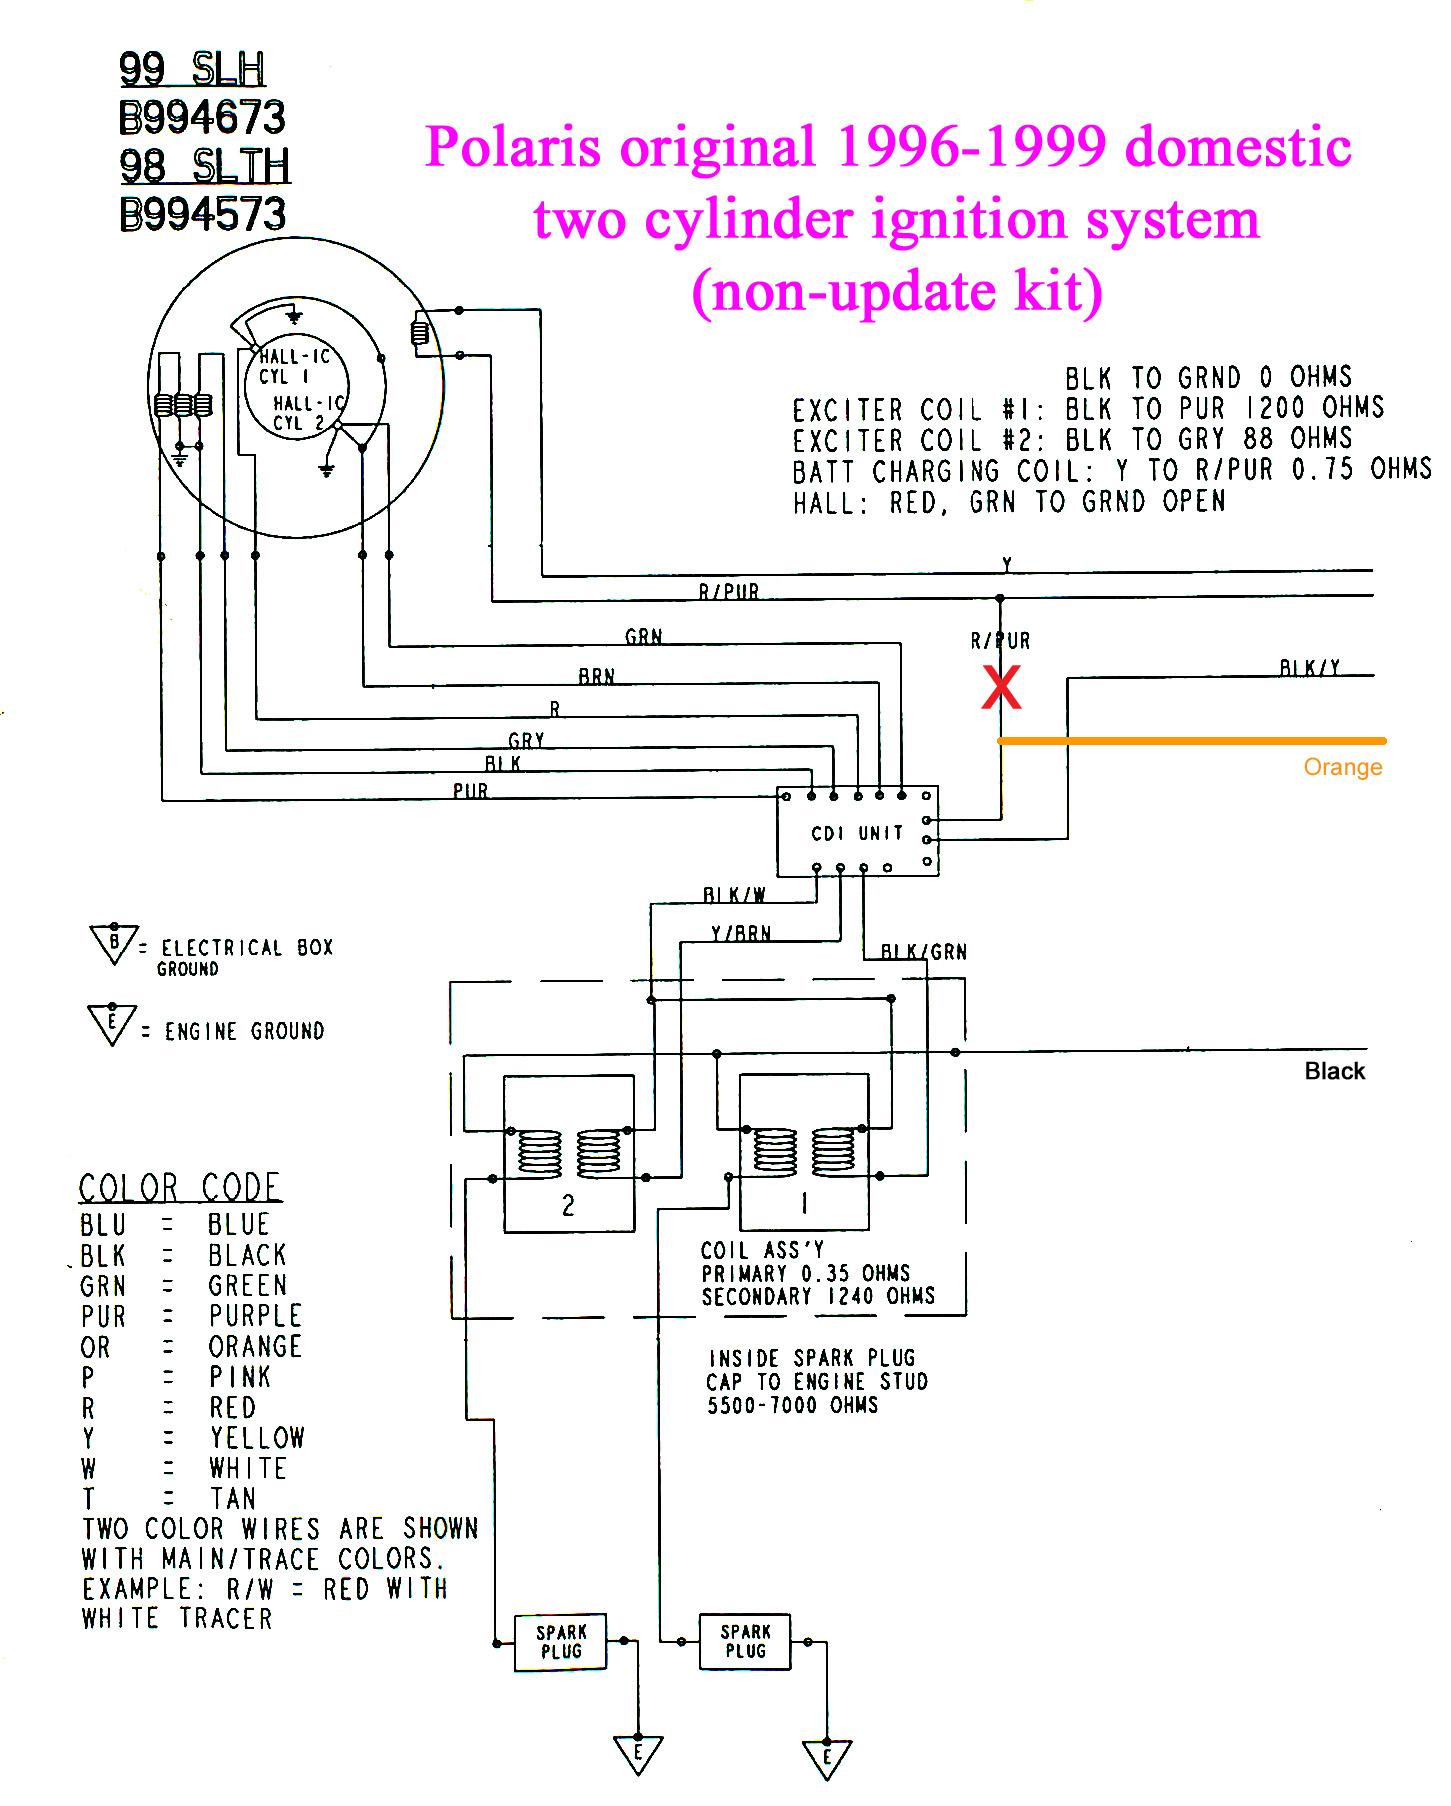 97 polaris slt 700, intermittent spark, not the batt ... polaris magnum 425 cdi box wiring diagram #5